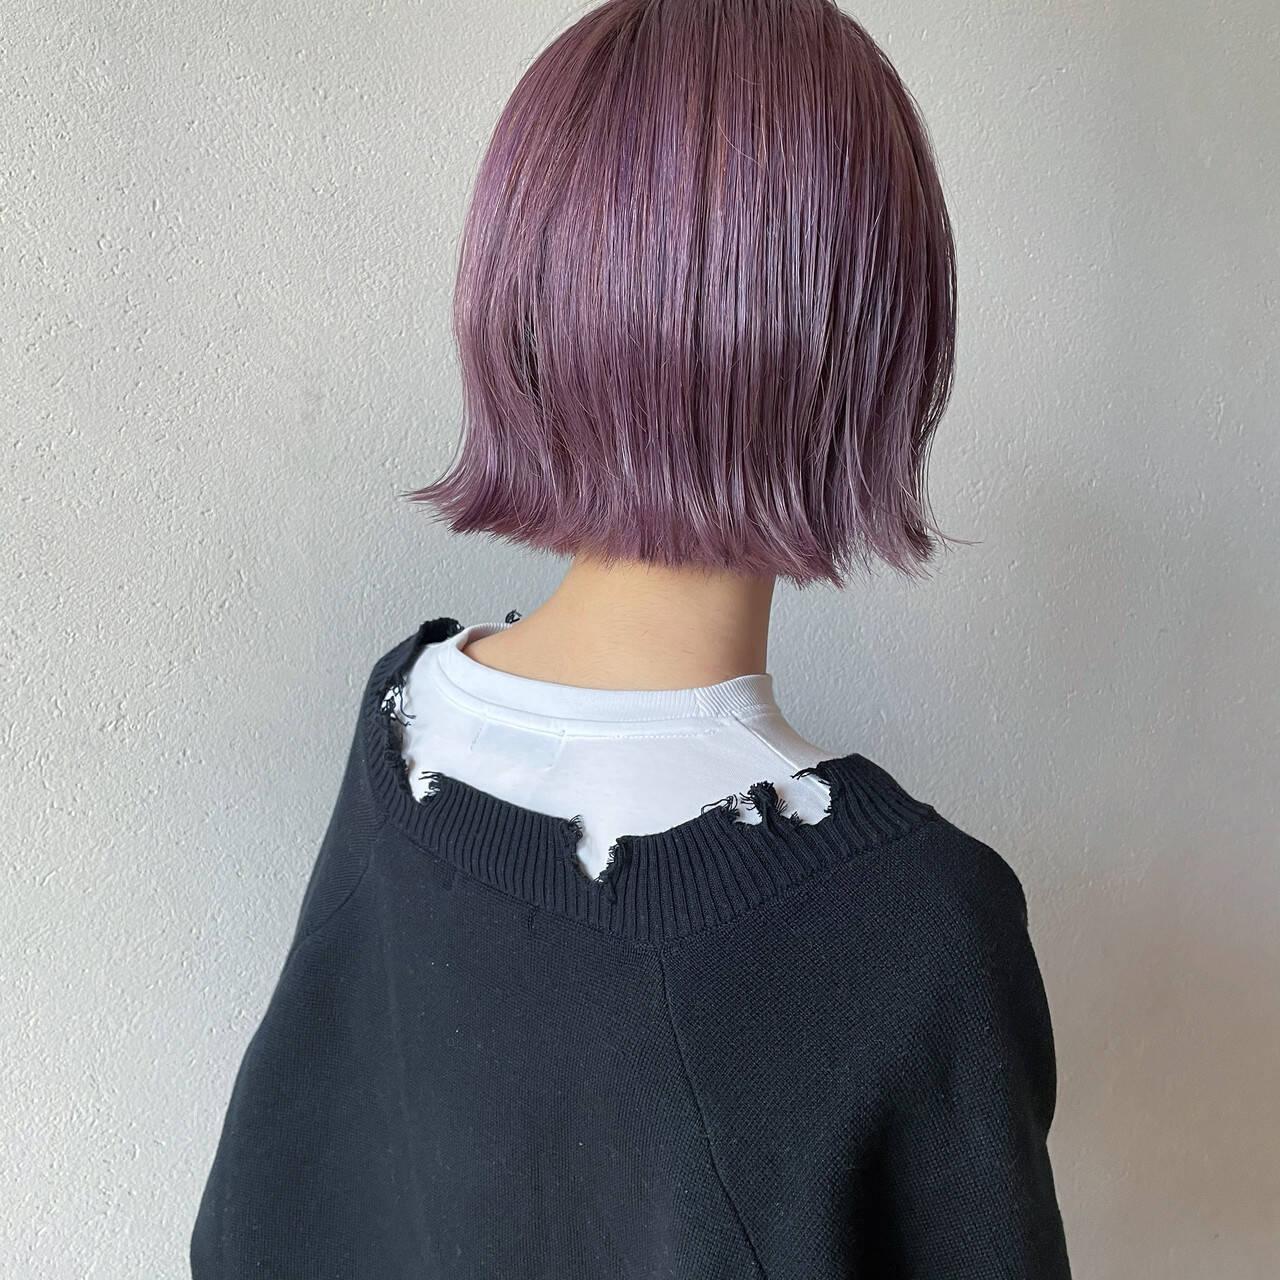 ハイトーンボブ ラベンダーピンク ボブ ハイトーンカラーヘアスタイルや髪型の写真・画像